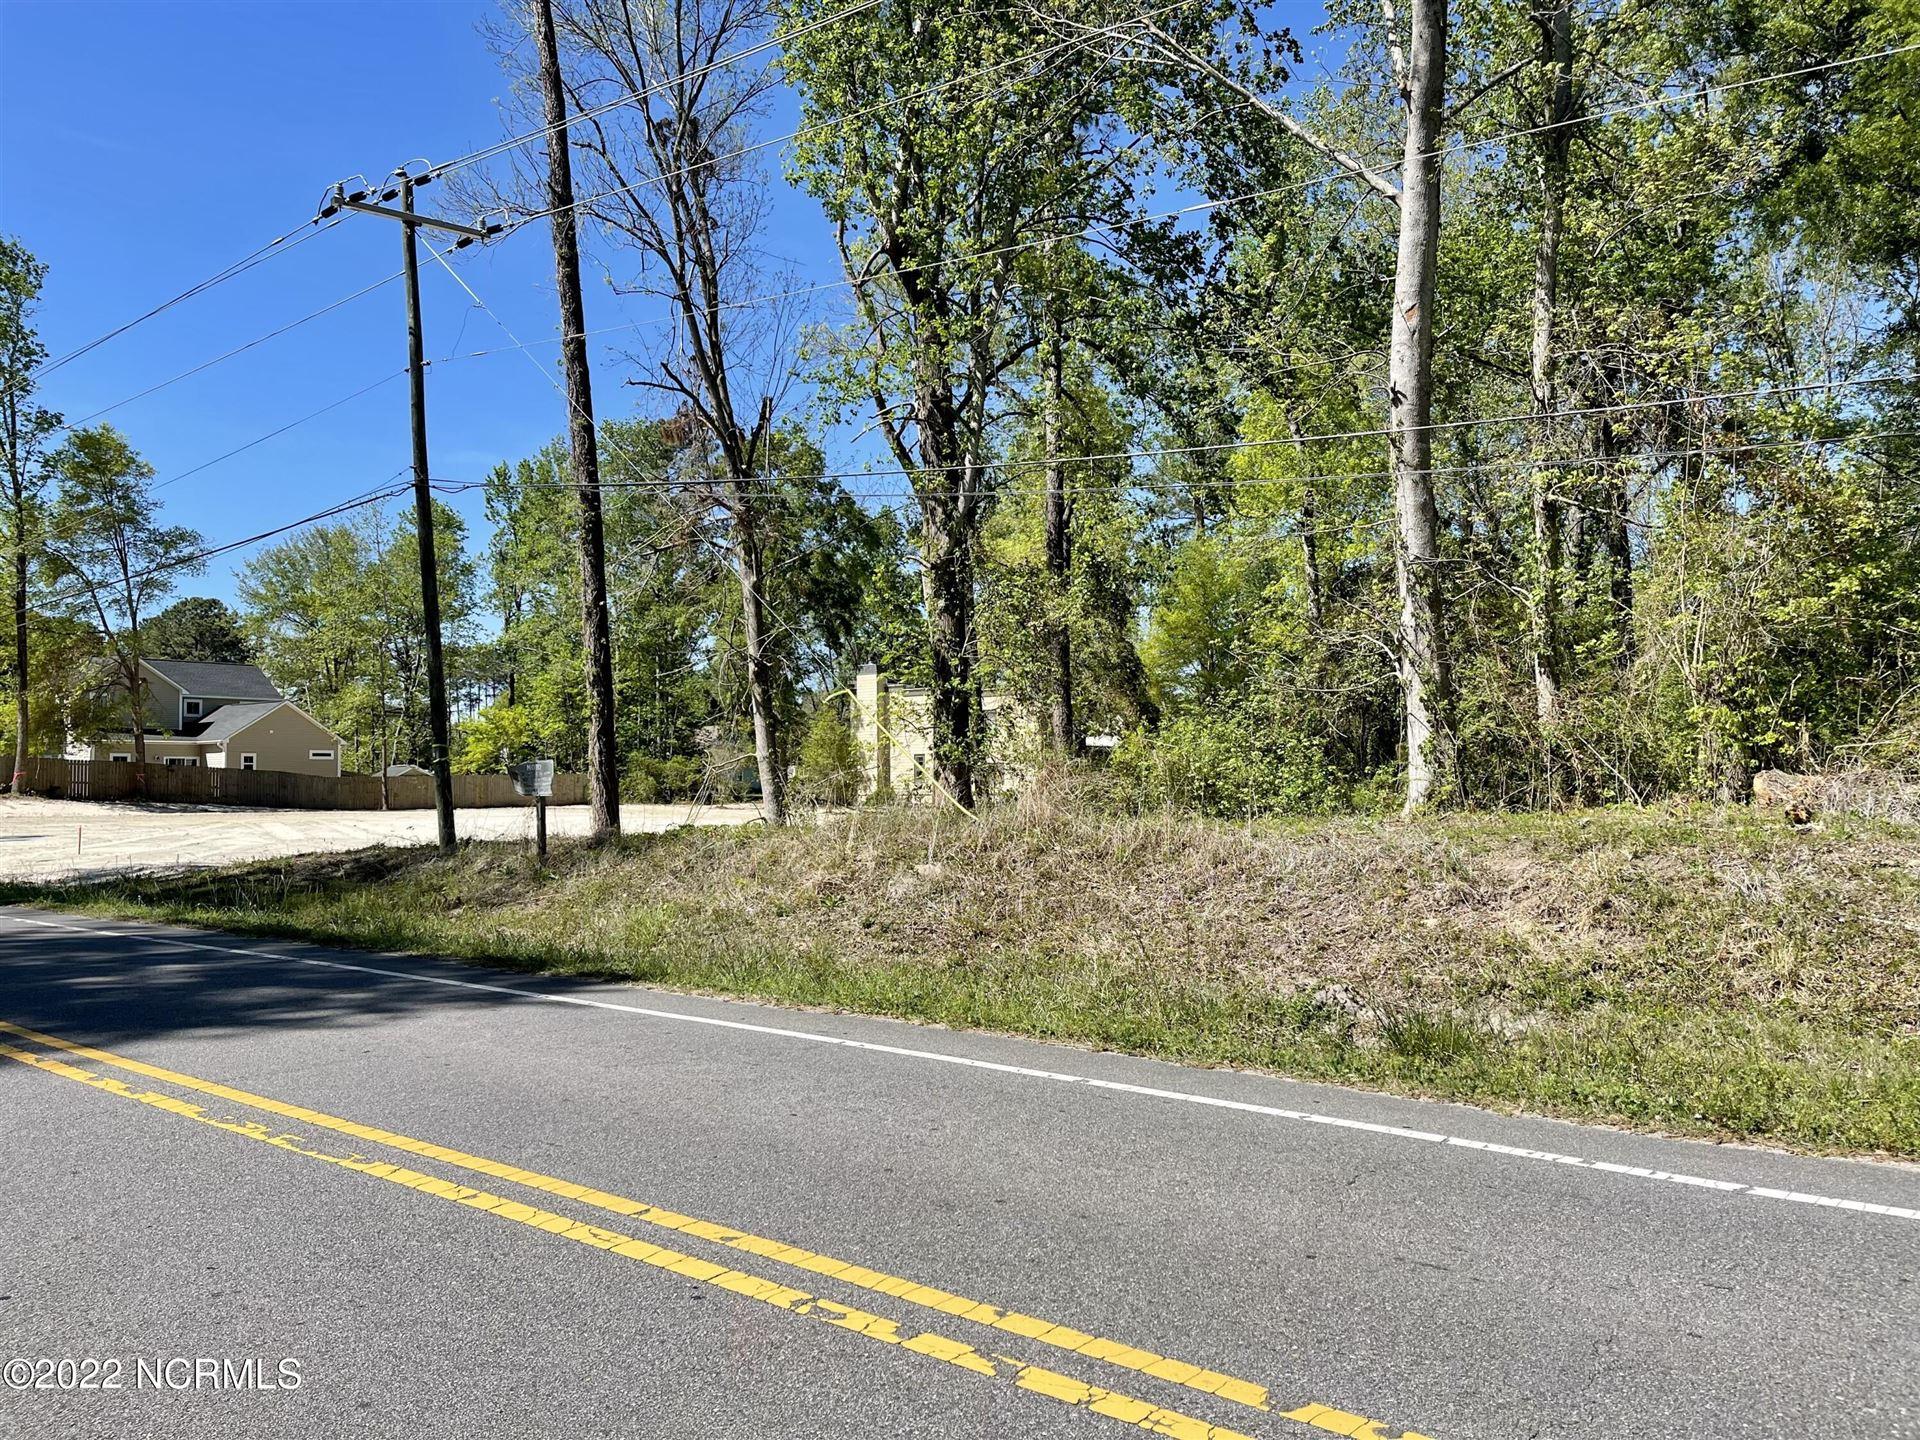 Photo of 4029 Parmele Road, Castle Hayne, NC 28429 (MLS # 100247145)